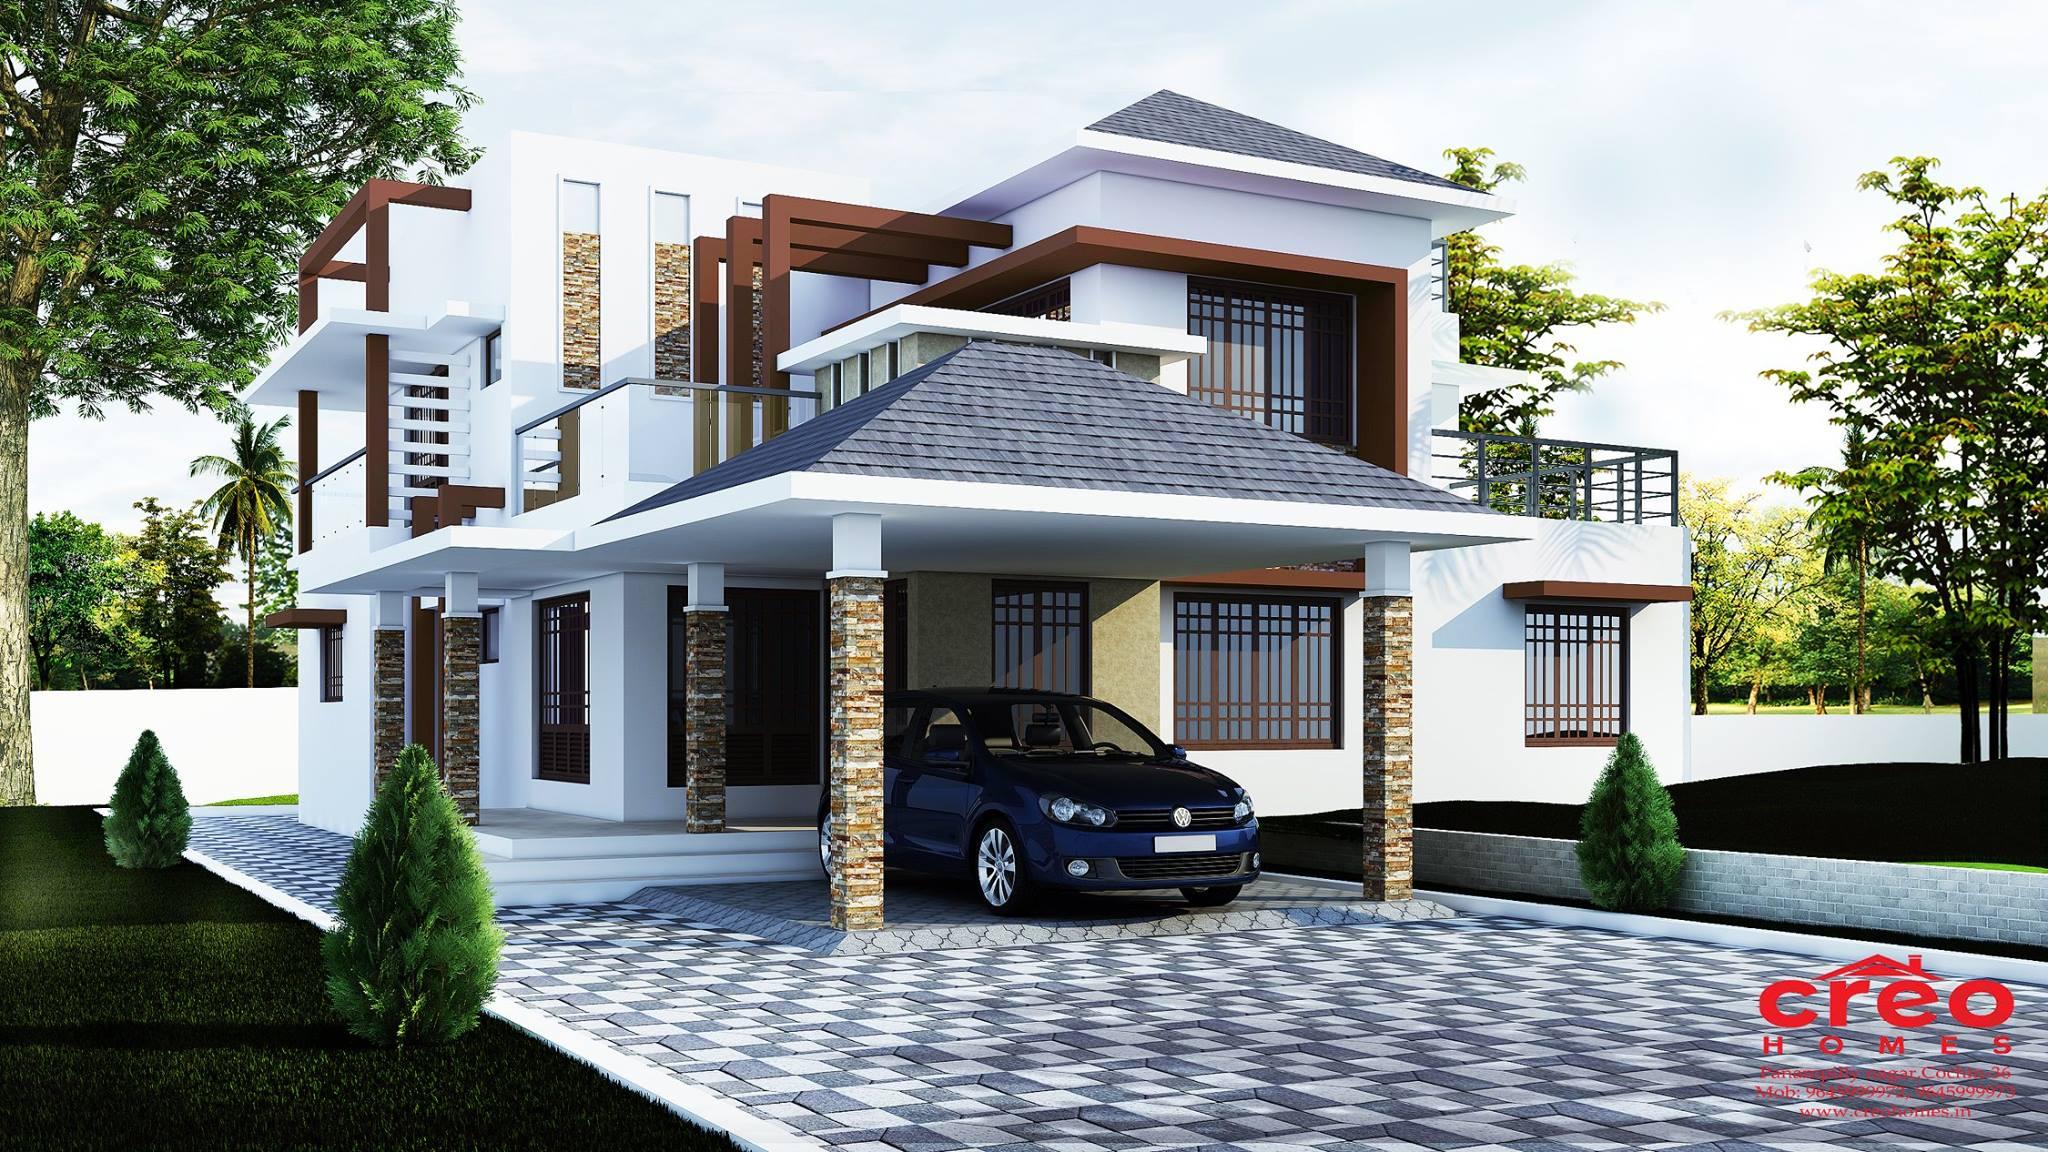 Photo of Contemporary Home Design 2934 Sq.feet